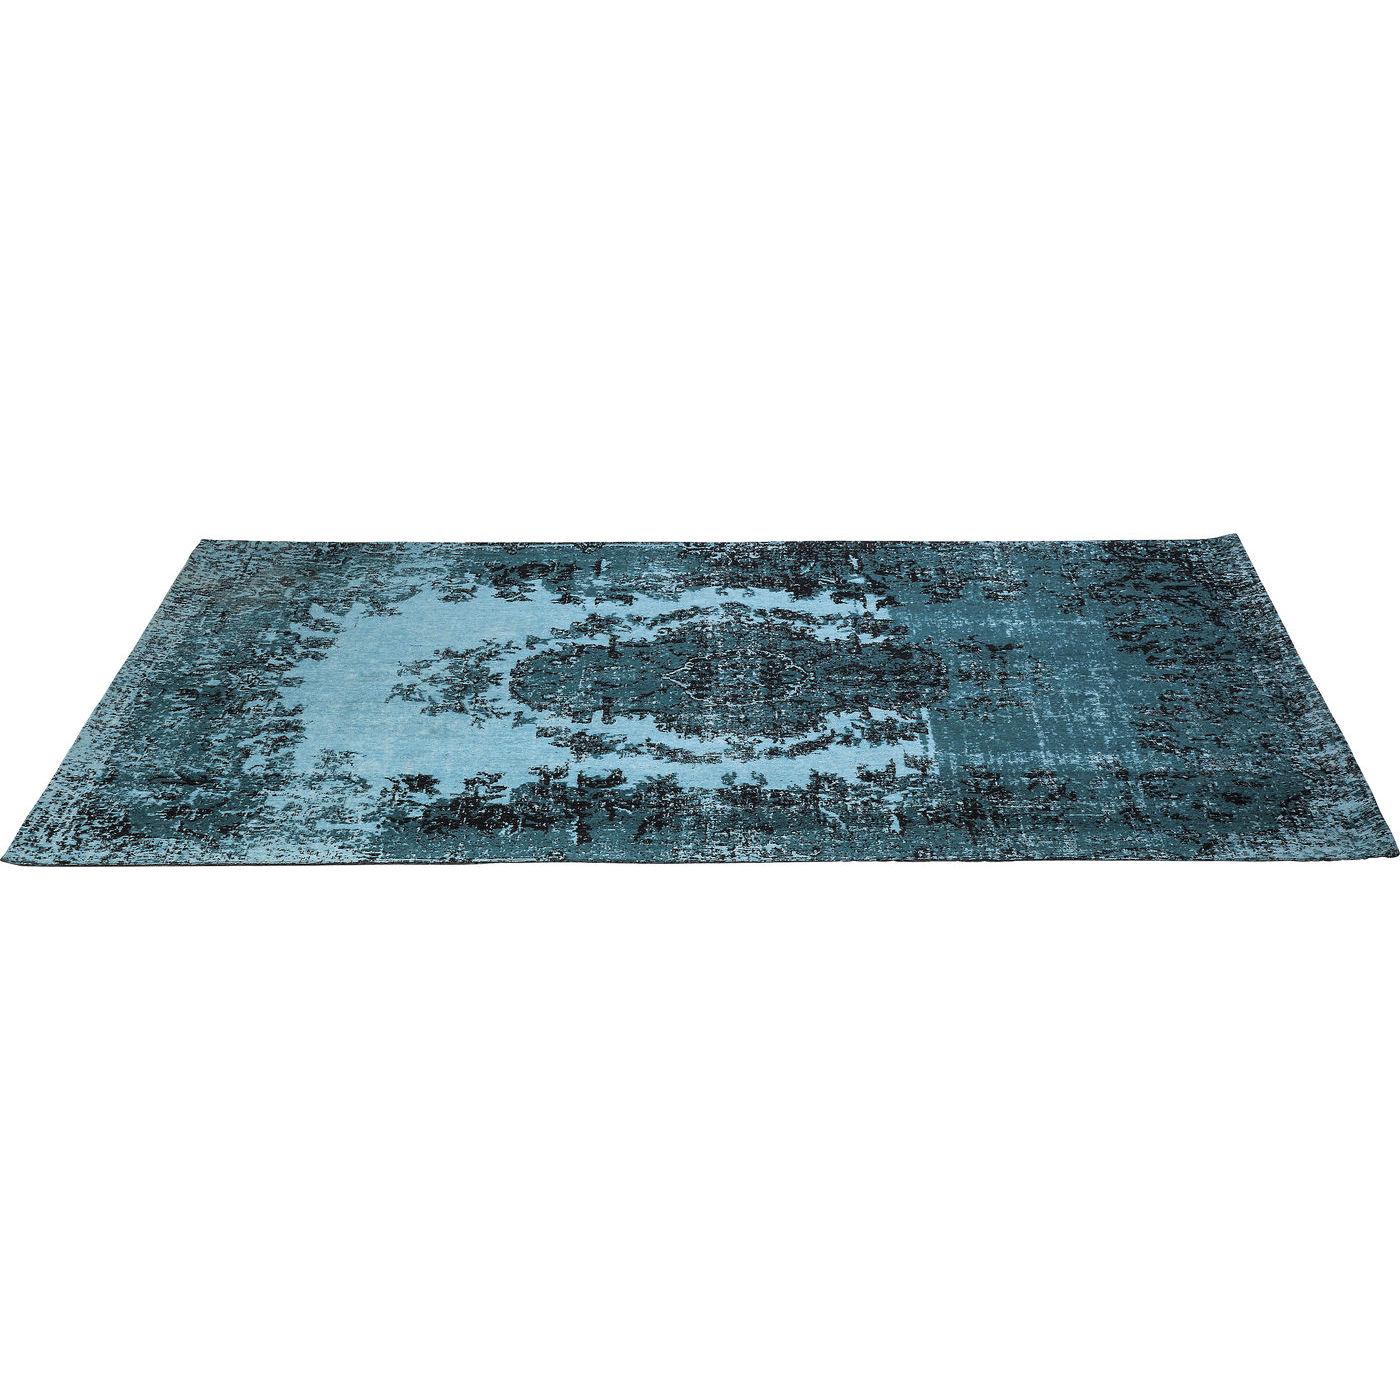 Billede af Kare Design Tæppe, Kelim Pop Turquoise 200x300cm